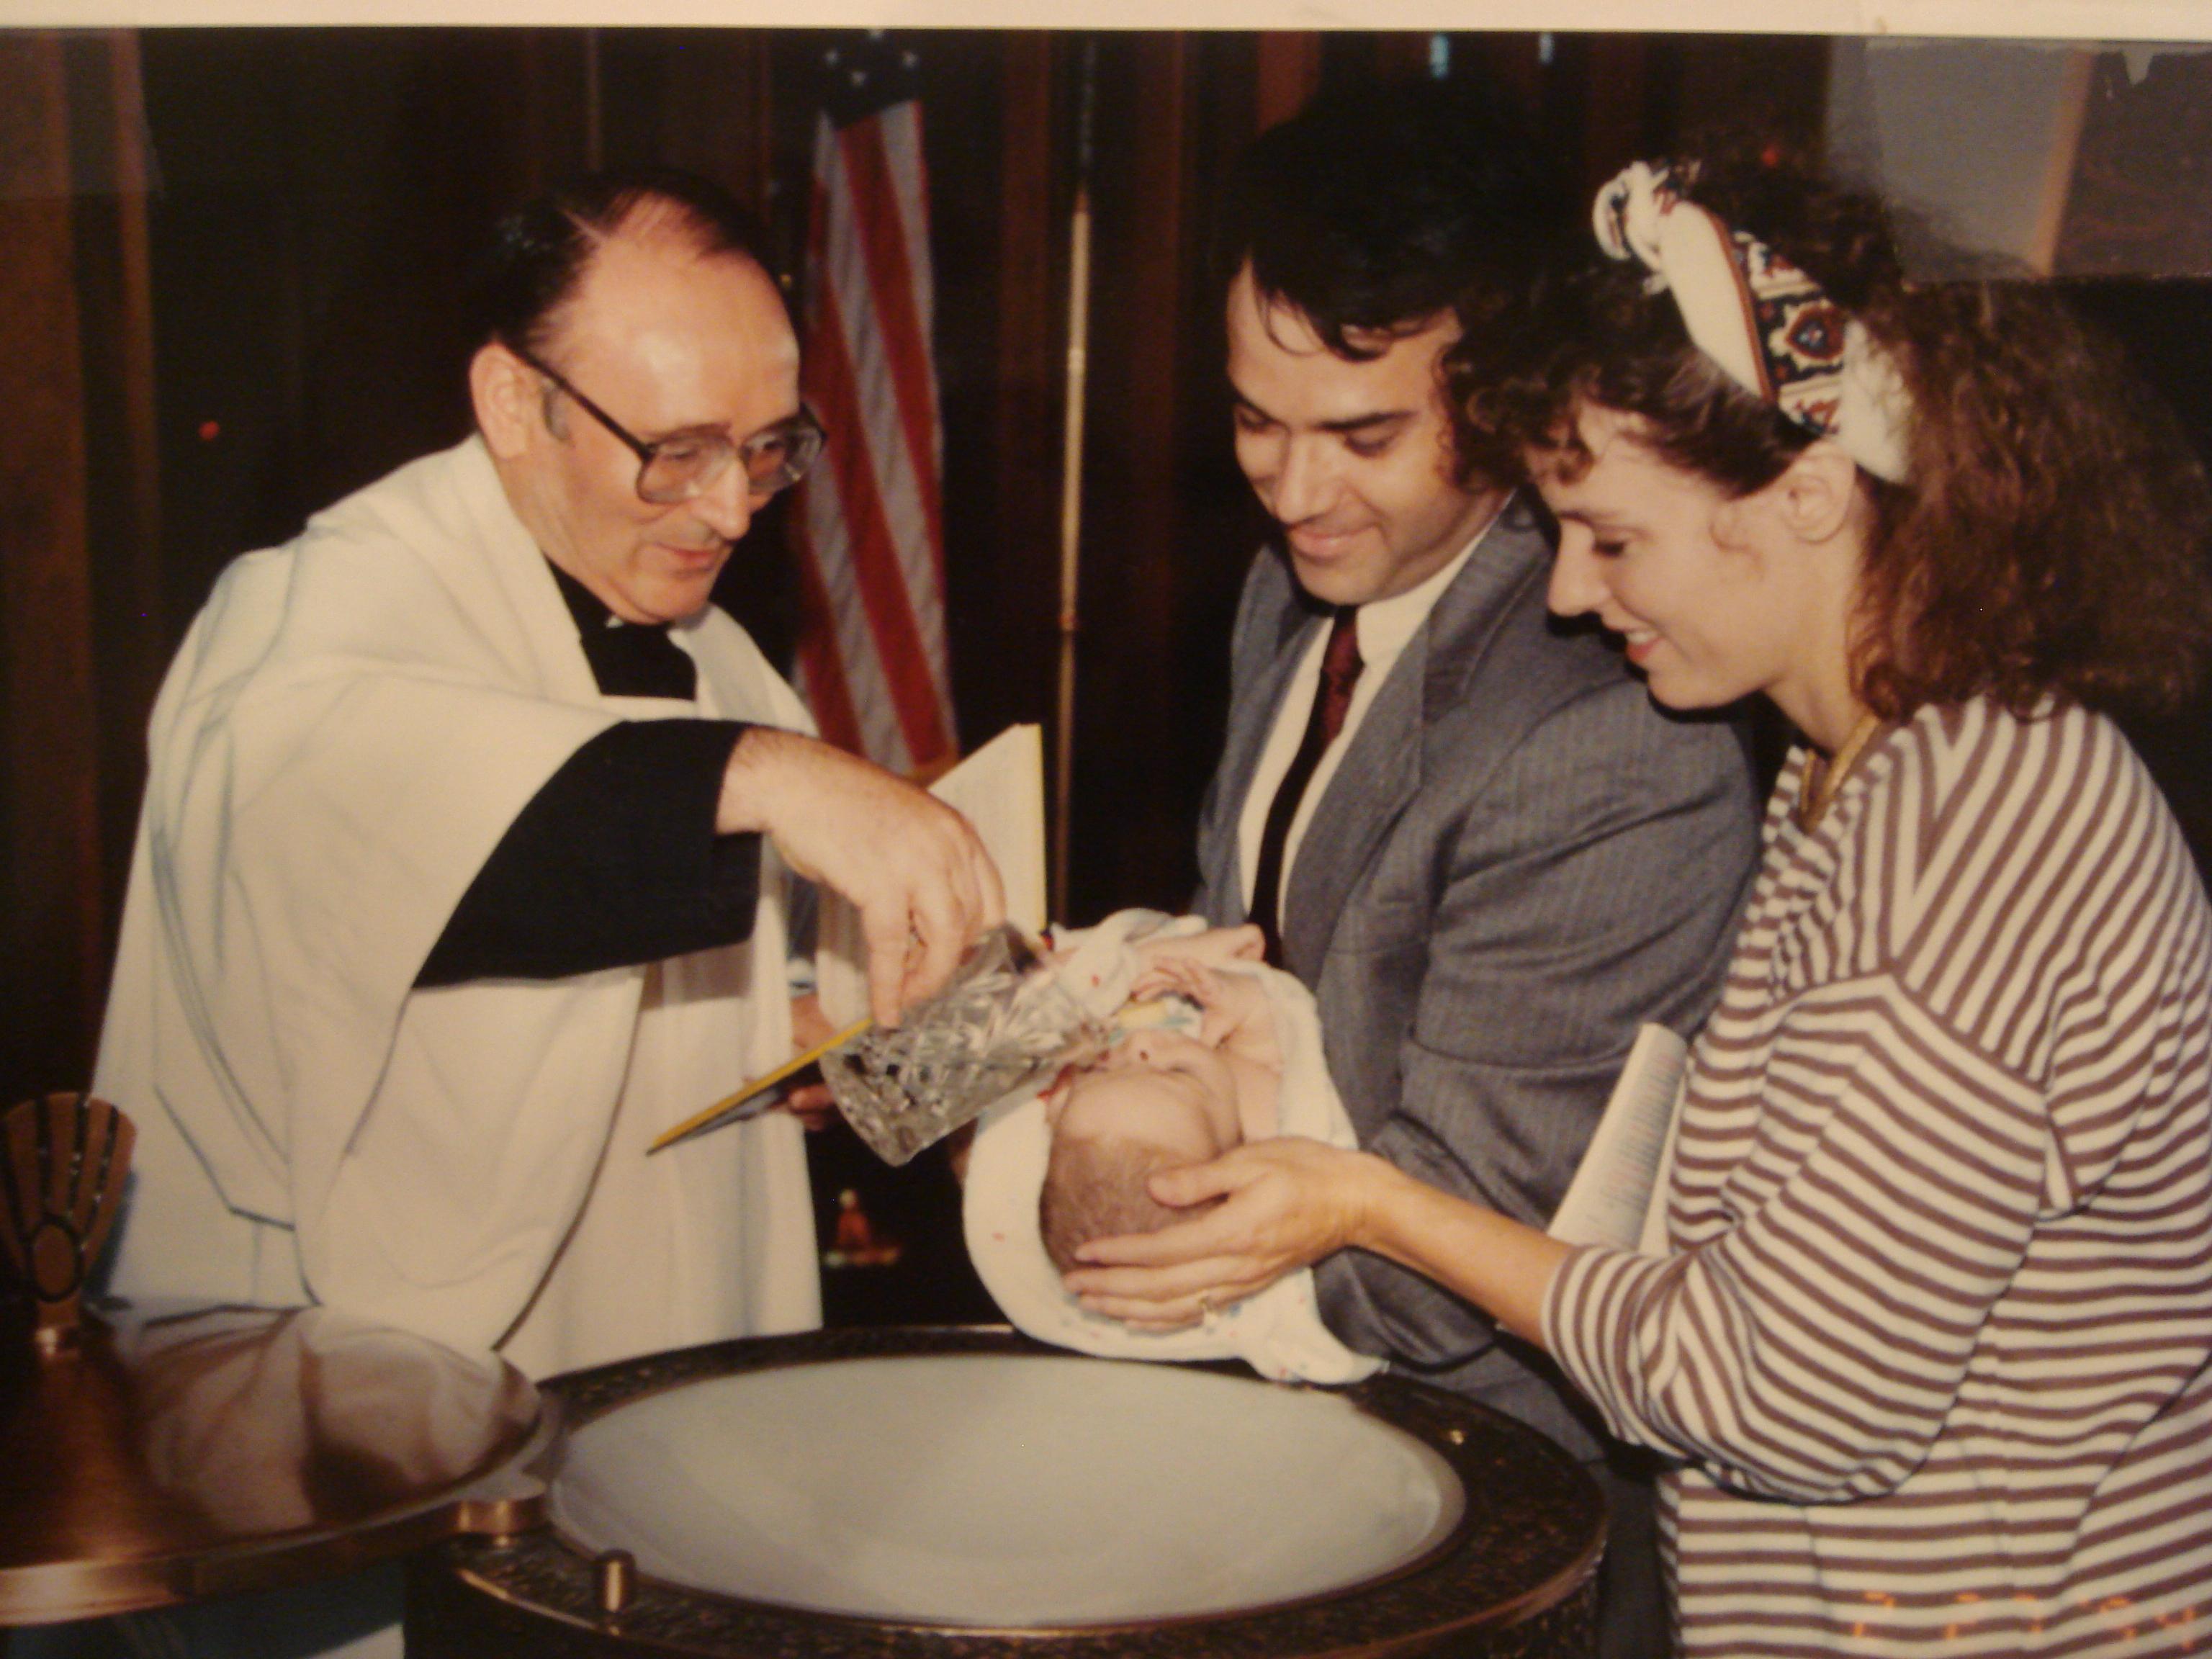 Chrystus przez chrzest wprowadza człowieka w nowe stworzenie